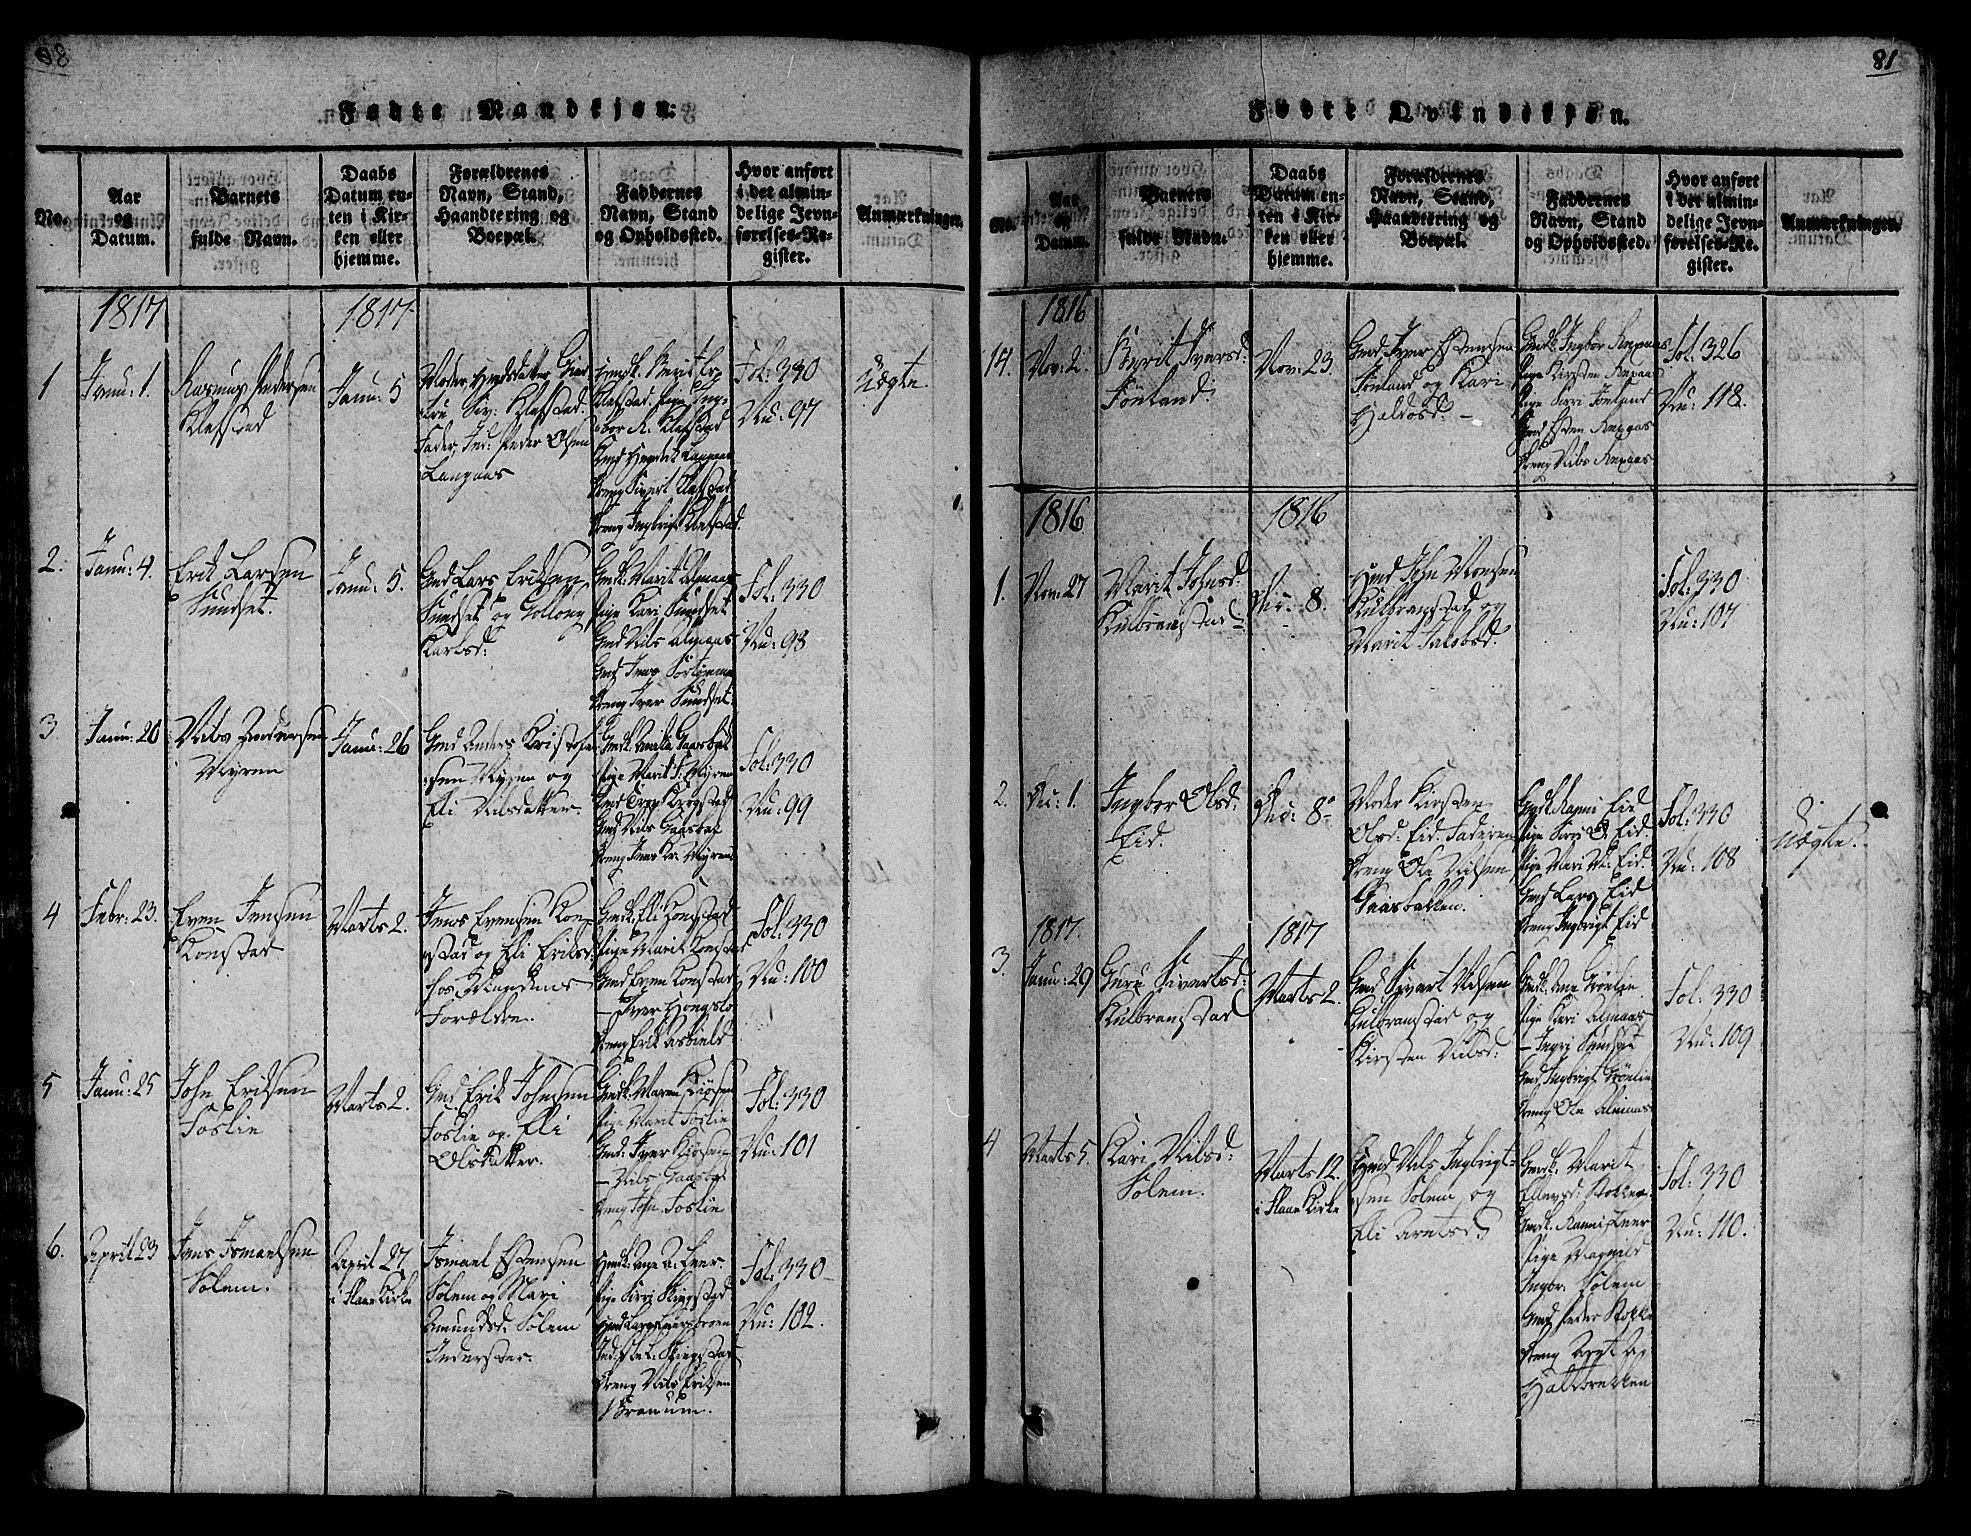 SAT, Ministerialprotokoller, klokkerbøker og fødselsregistre - Sør-Trøndelag, 691/L1068: Ministerialbok nr. 691A03 /4, 1816-1826, s. 81